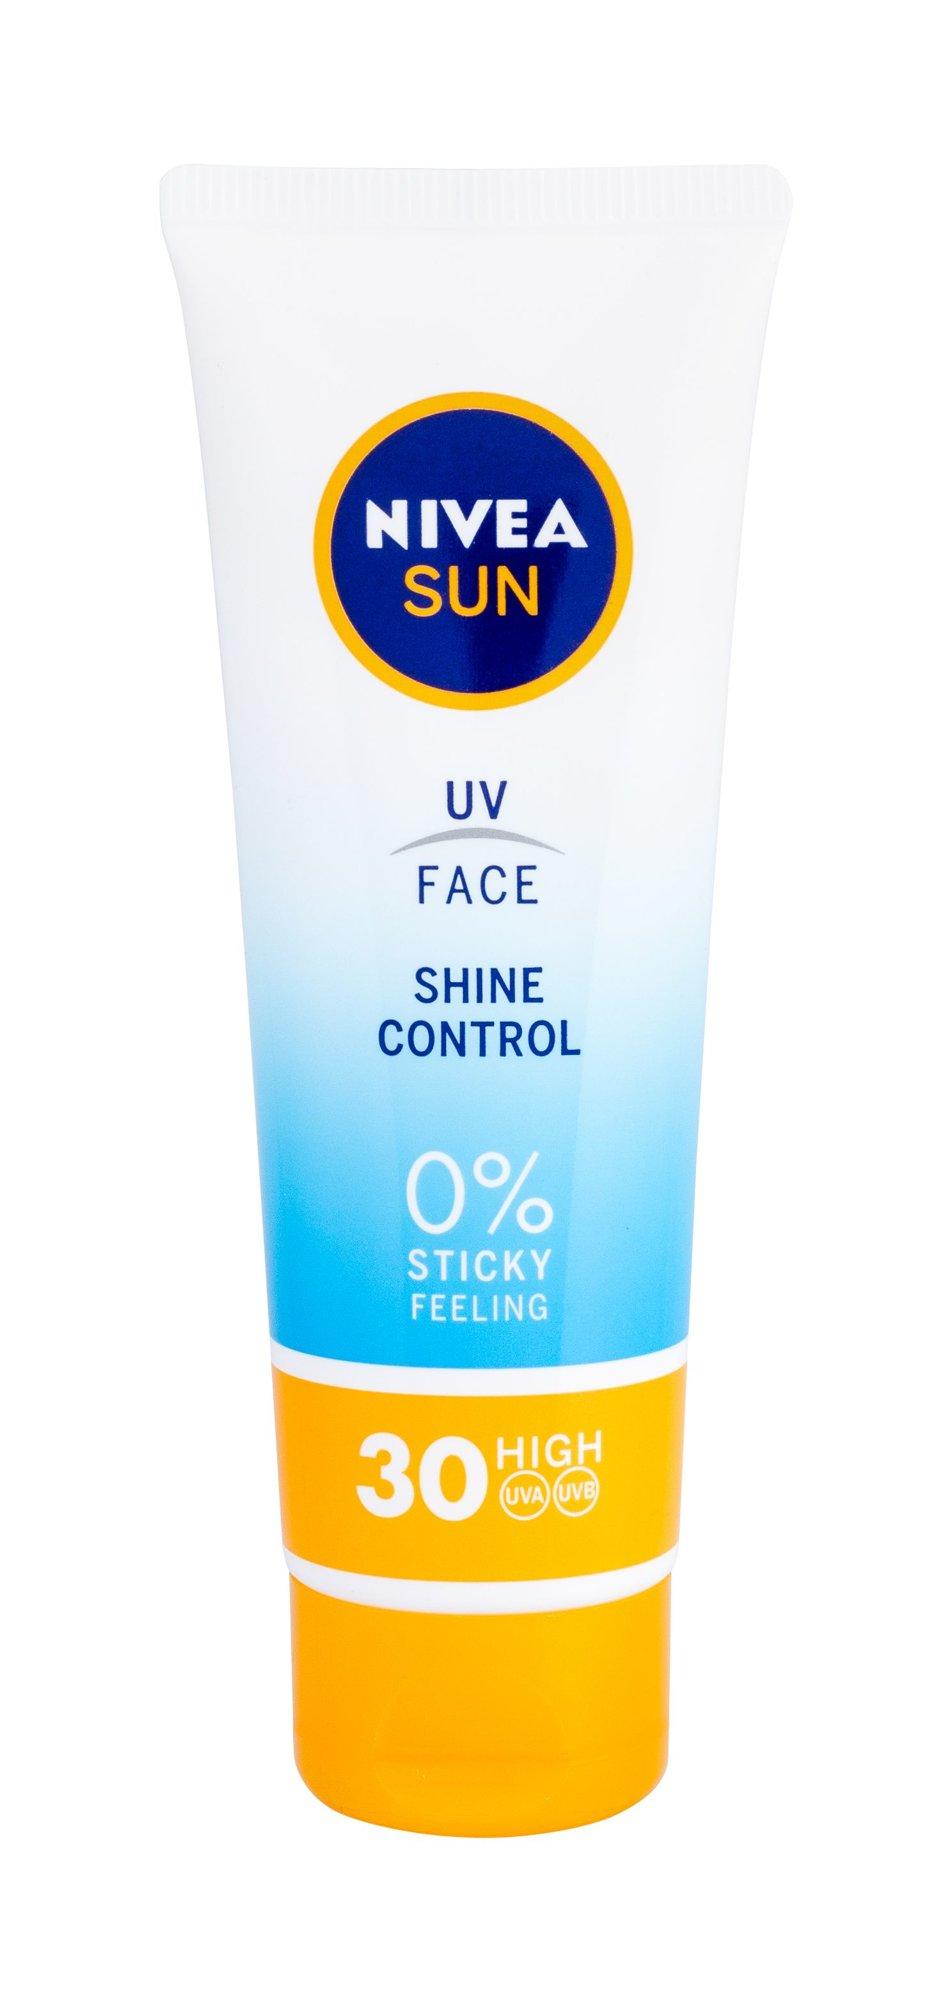 Nivea Sun UV Face SPF30 Shine Control Preparat do opalania twarzy 50 ml